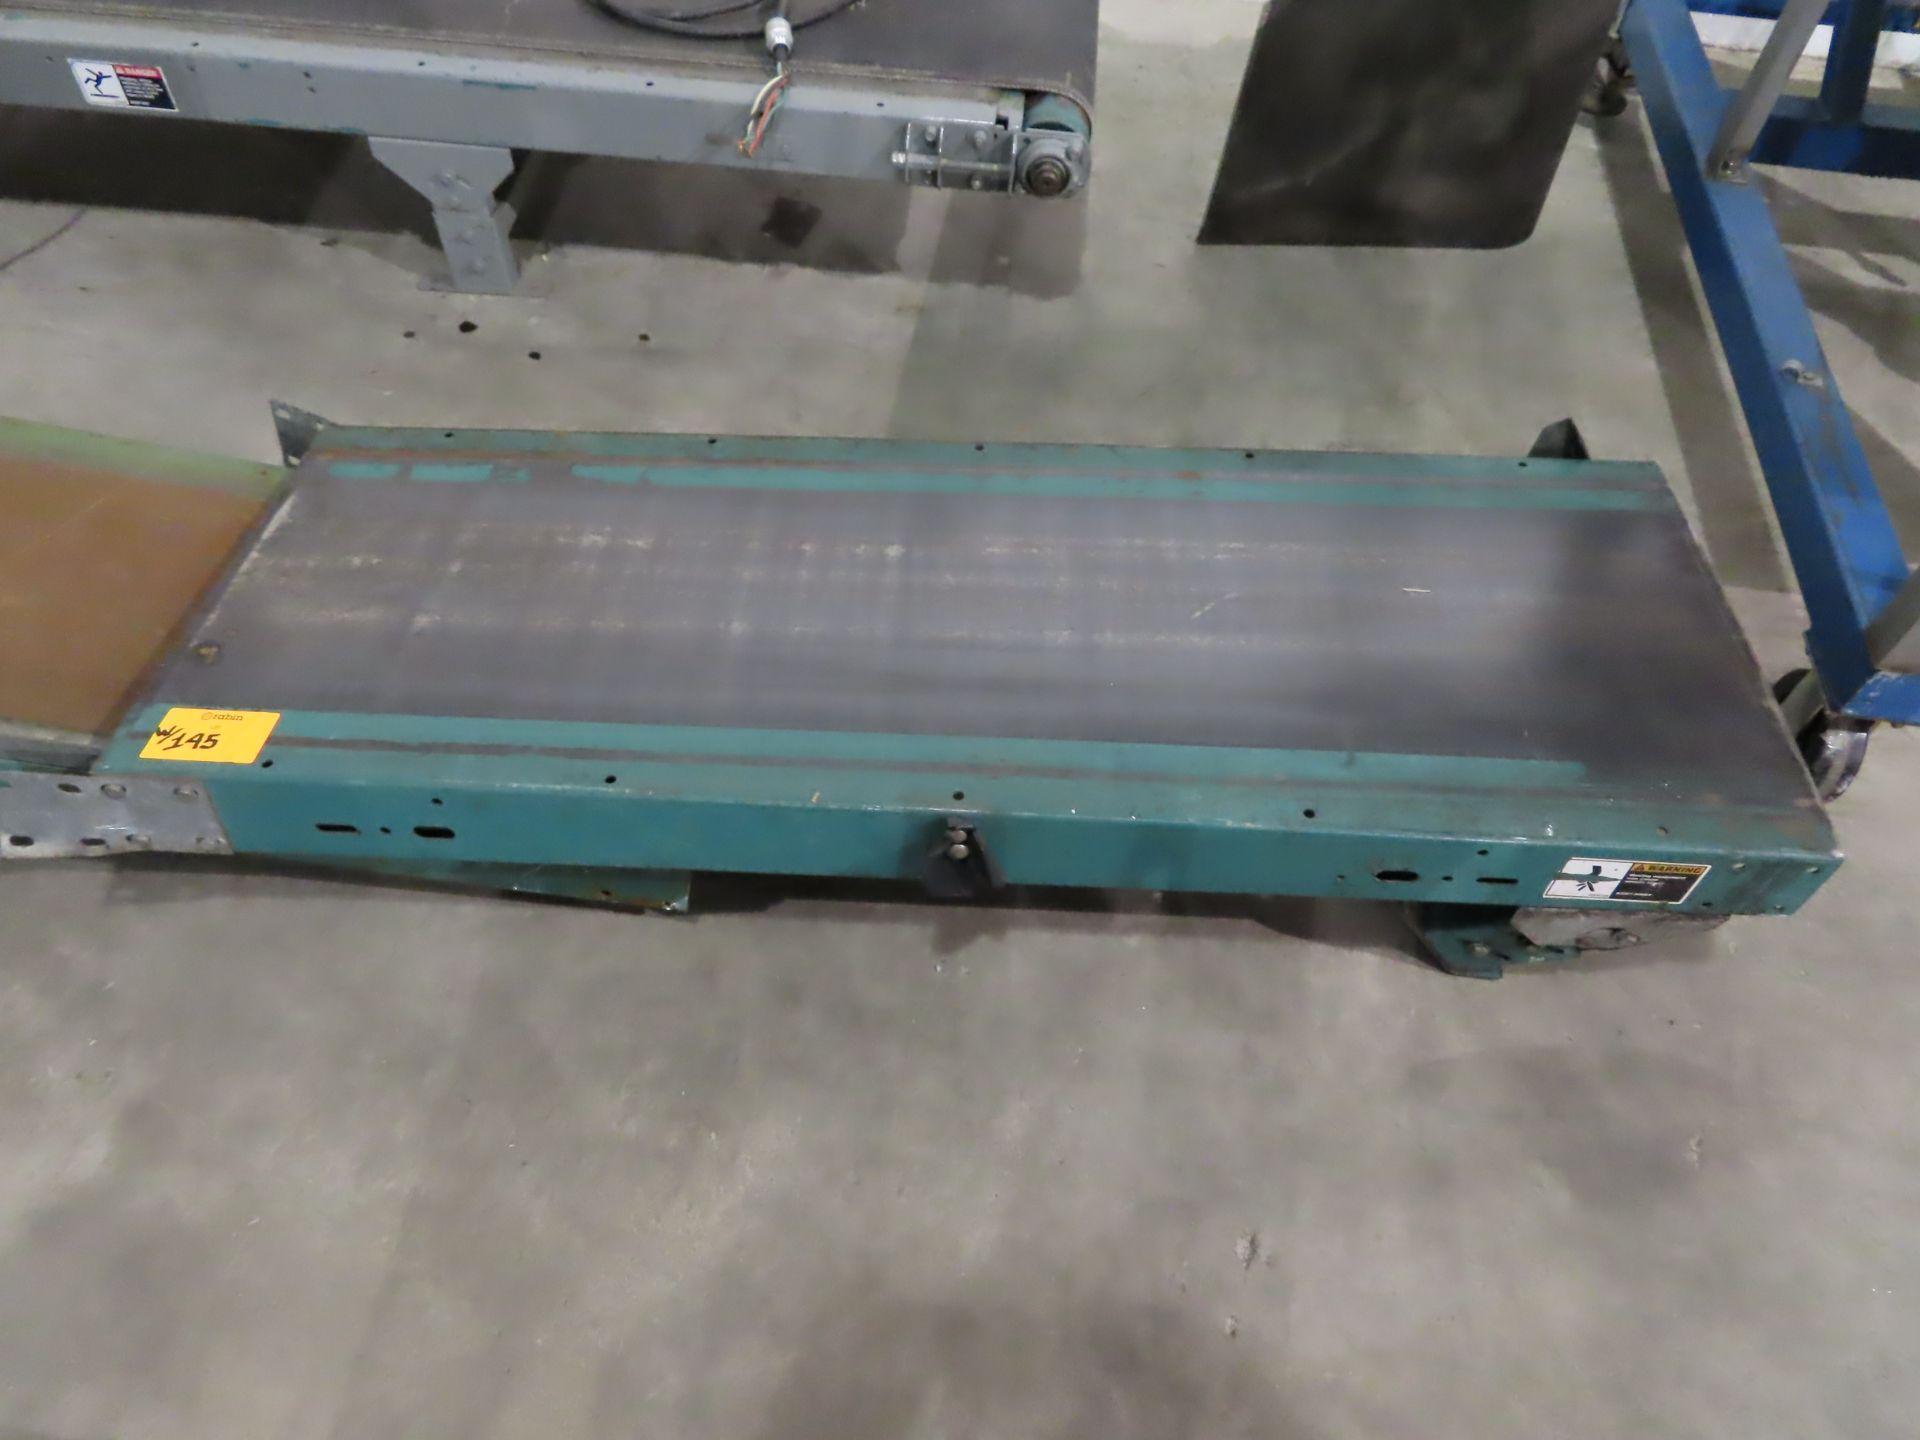 Lot 145 - Conveyor